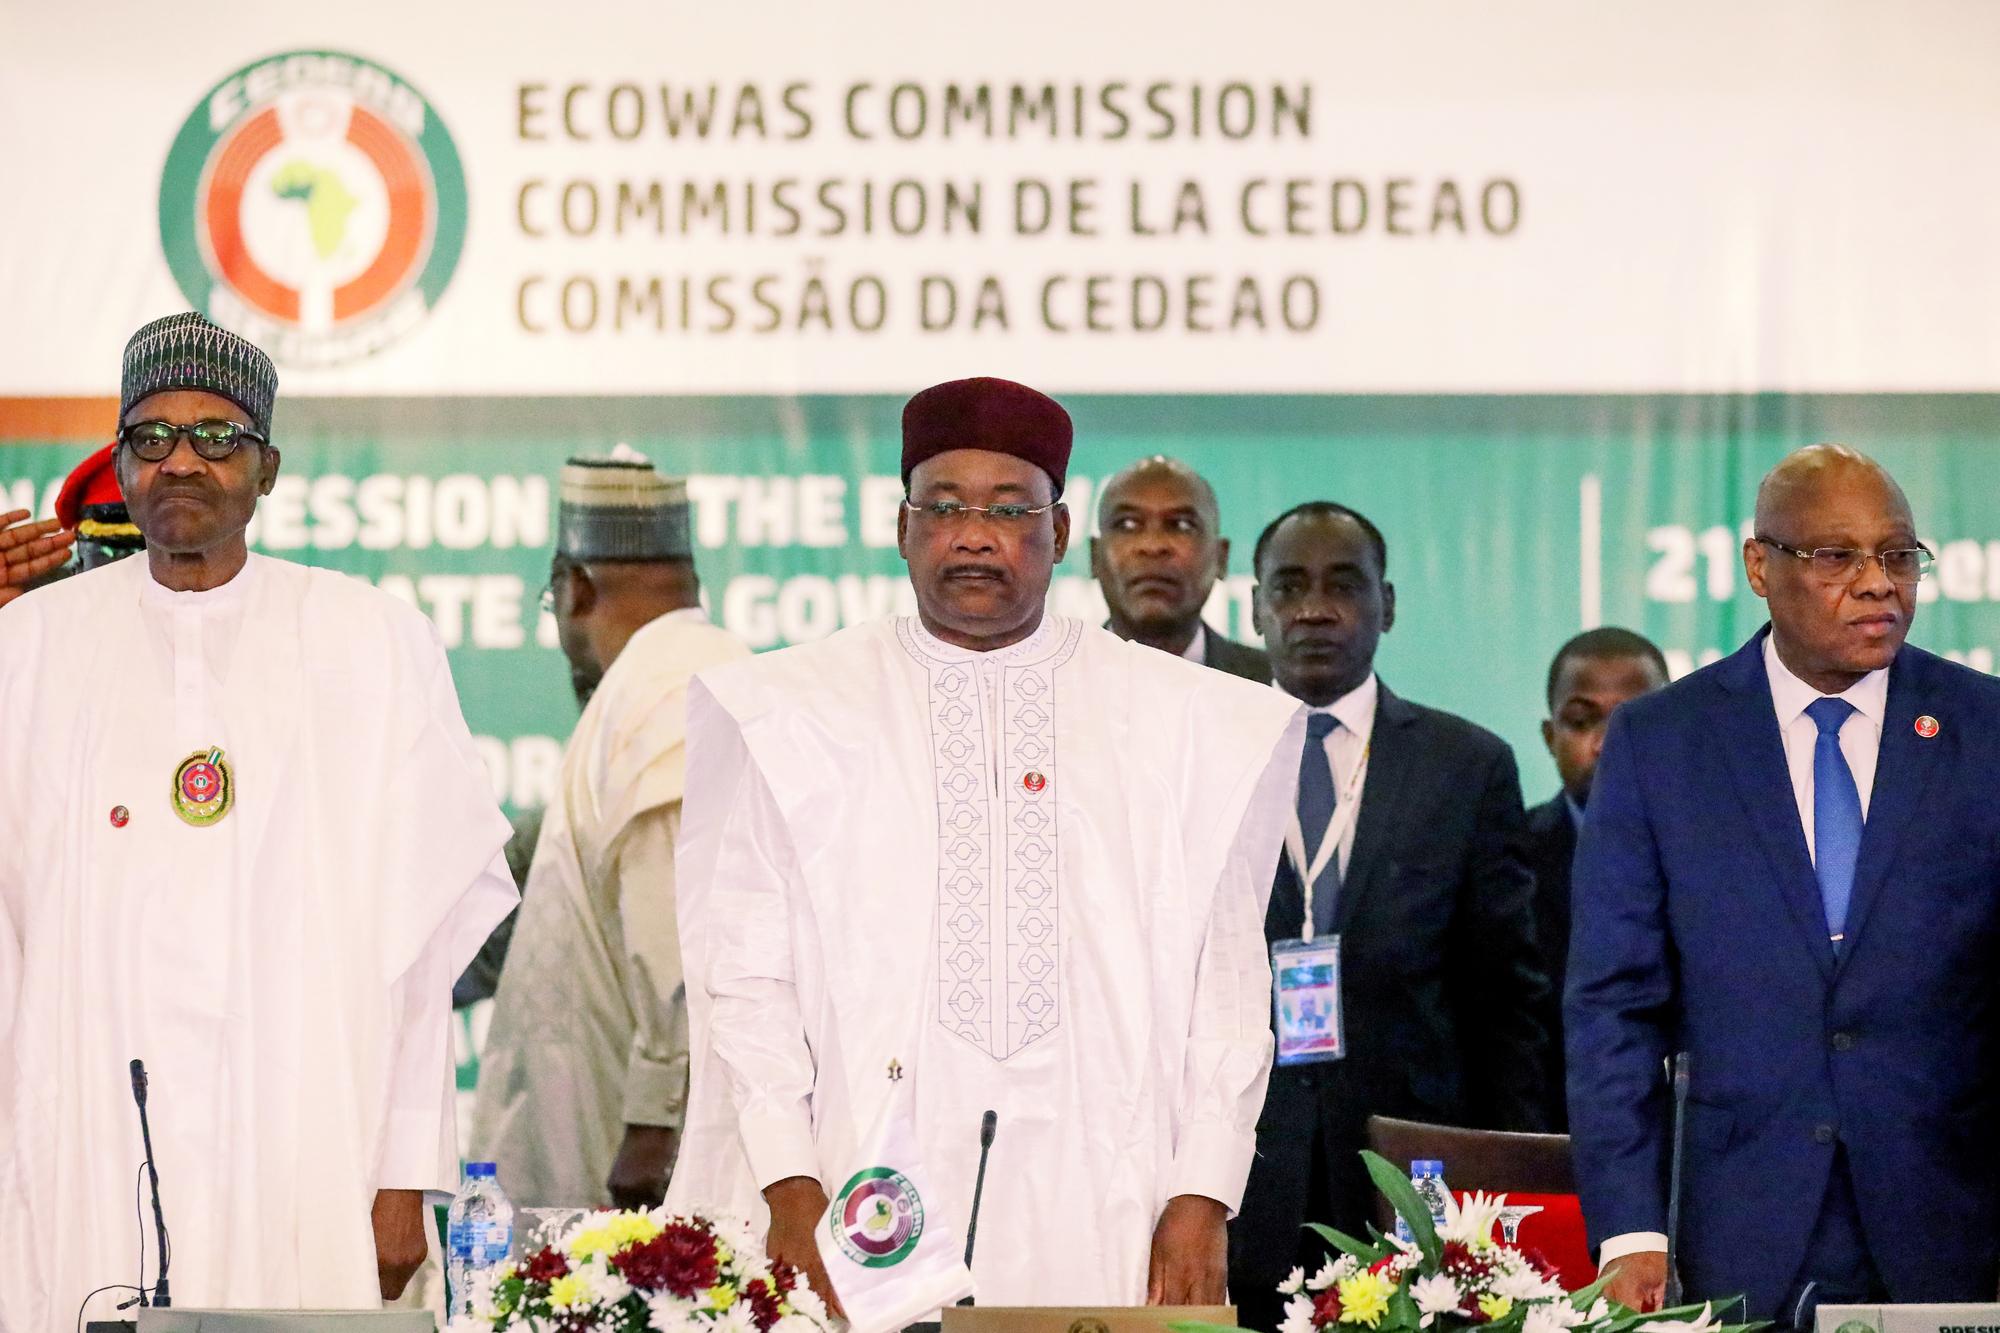 Le 21décembre 2019, au siège de la Communauté, à Abuja. De g. à dr.: le chef de l'État nigérian, Muhammadu Buhari ; son homologue nigérien, Mahamadou Issoufou, président en exercice de l'institution ; et l'Ivoirien Jean-Claude Kassi Brou, président de la Commission de la Cedeao.